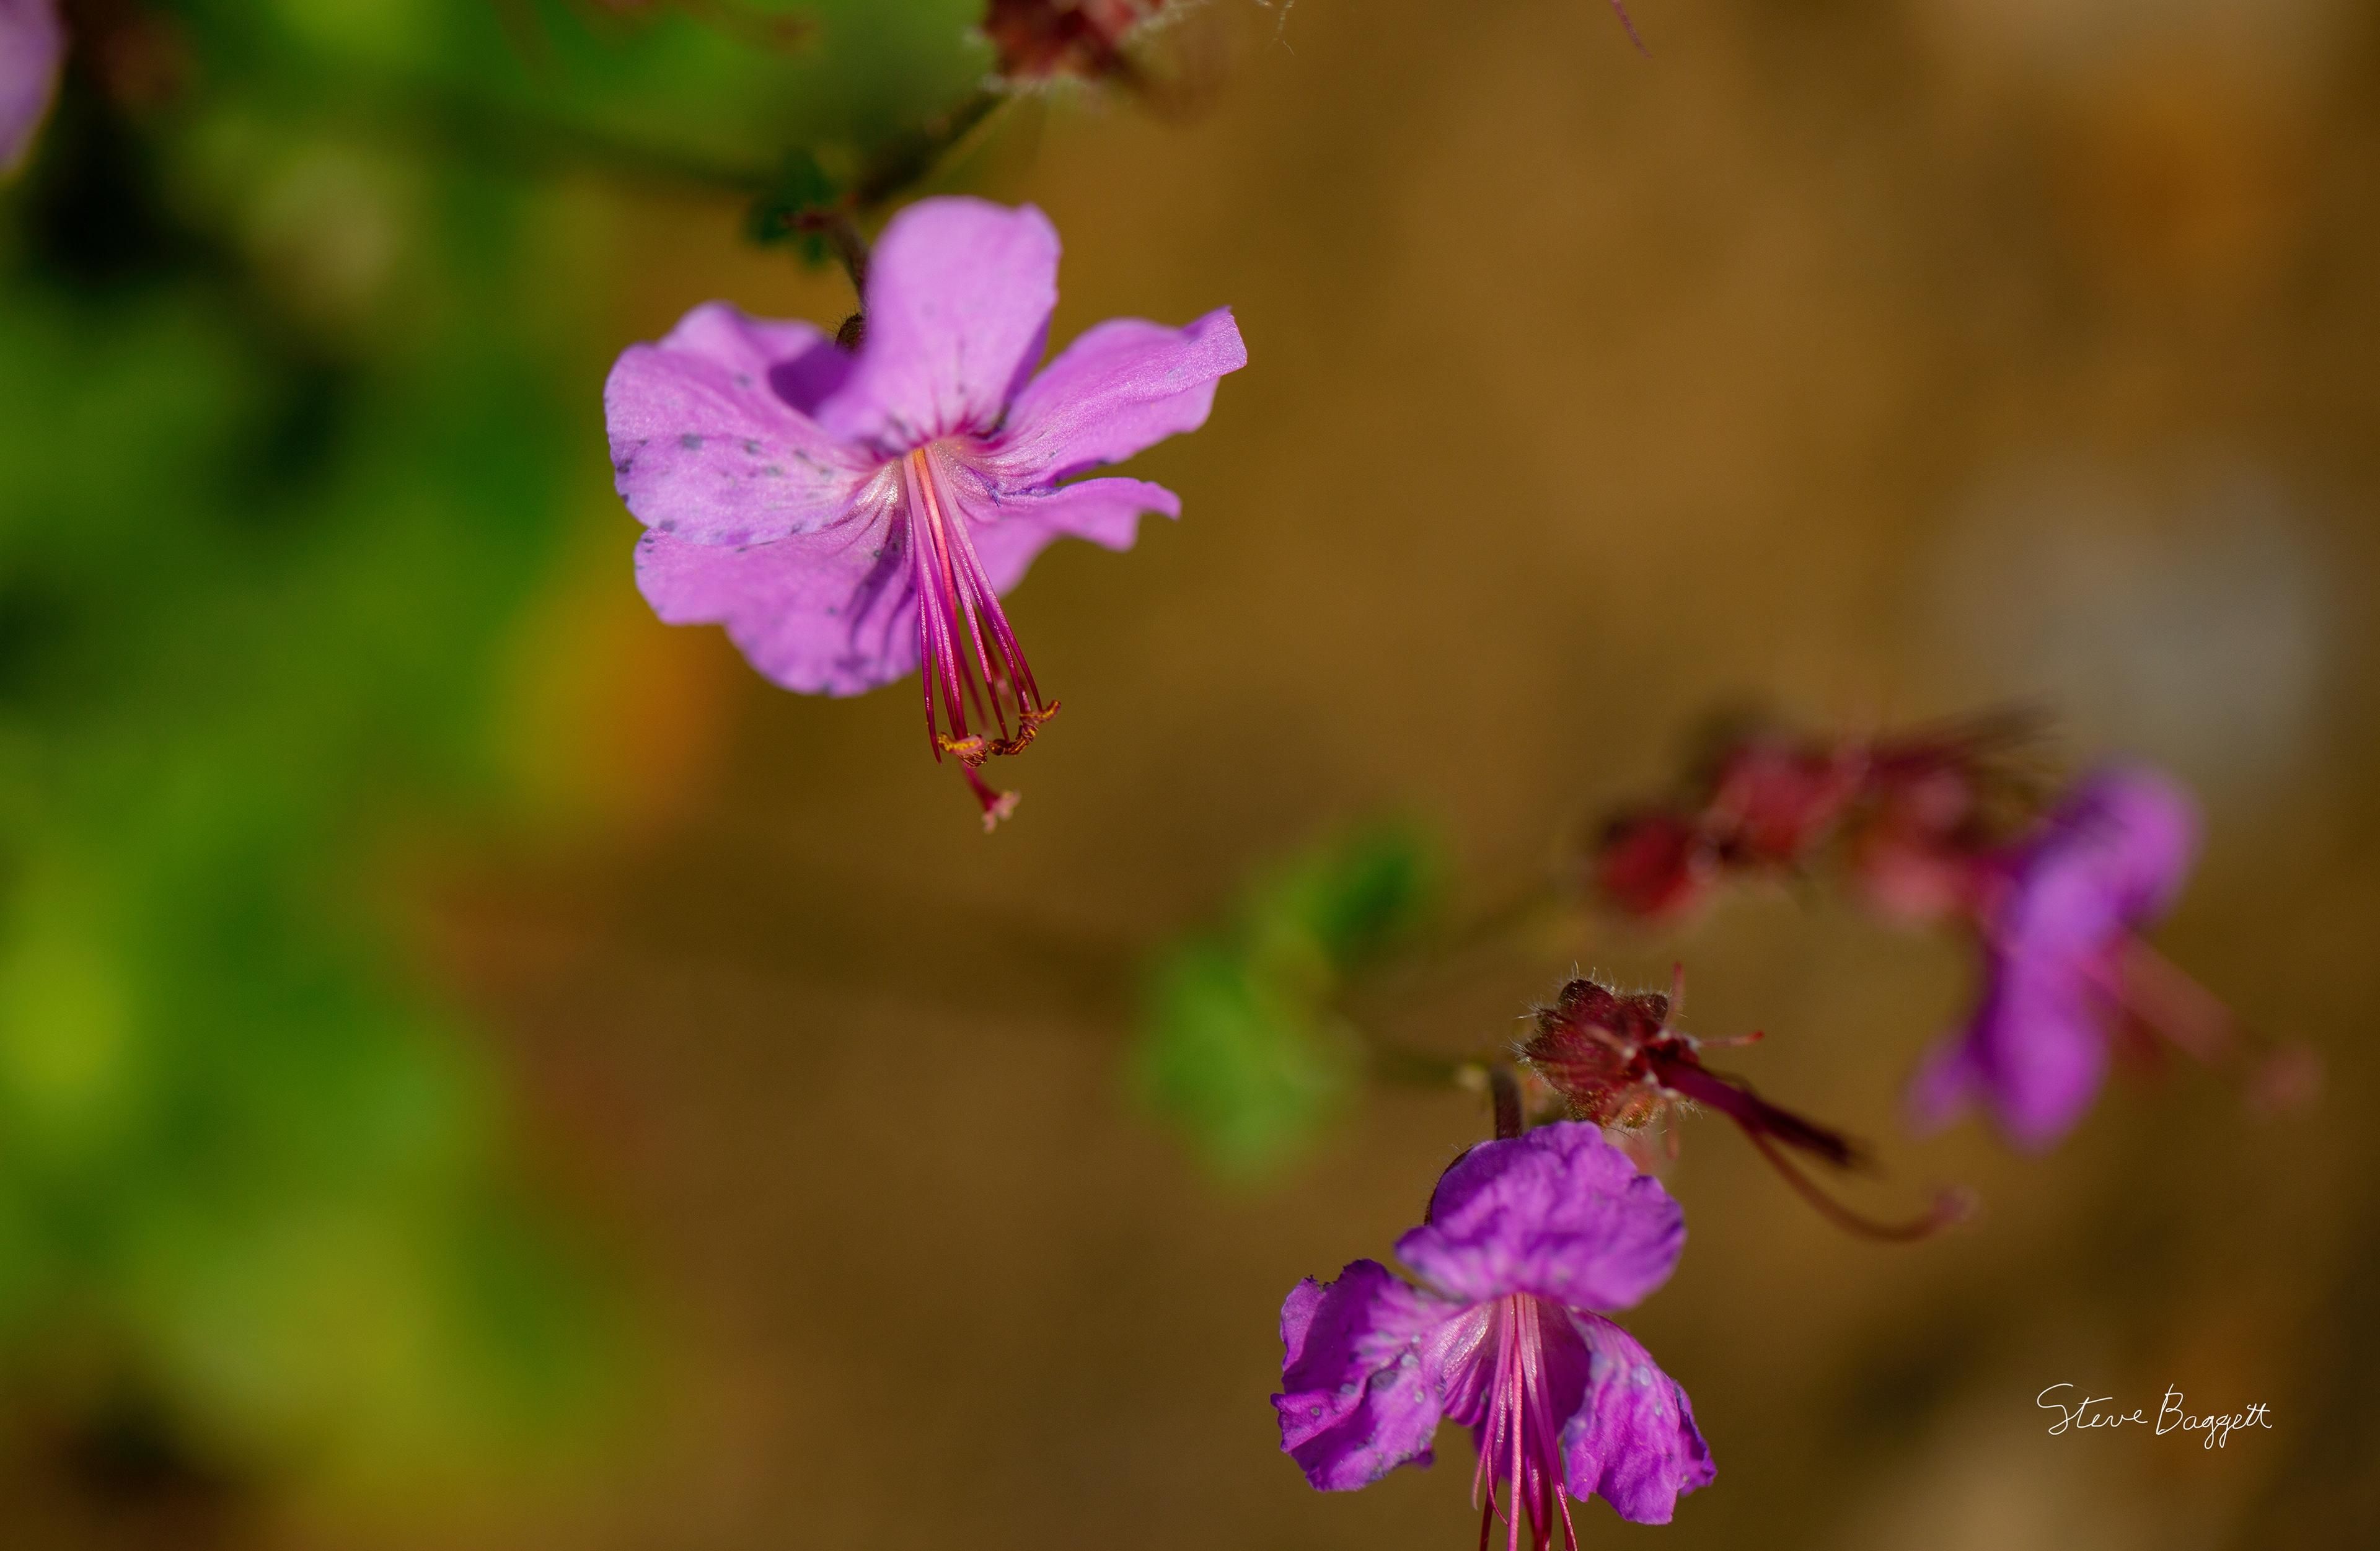 Steven Baggett Late Spring Flowers